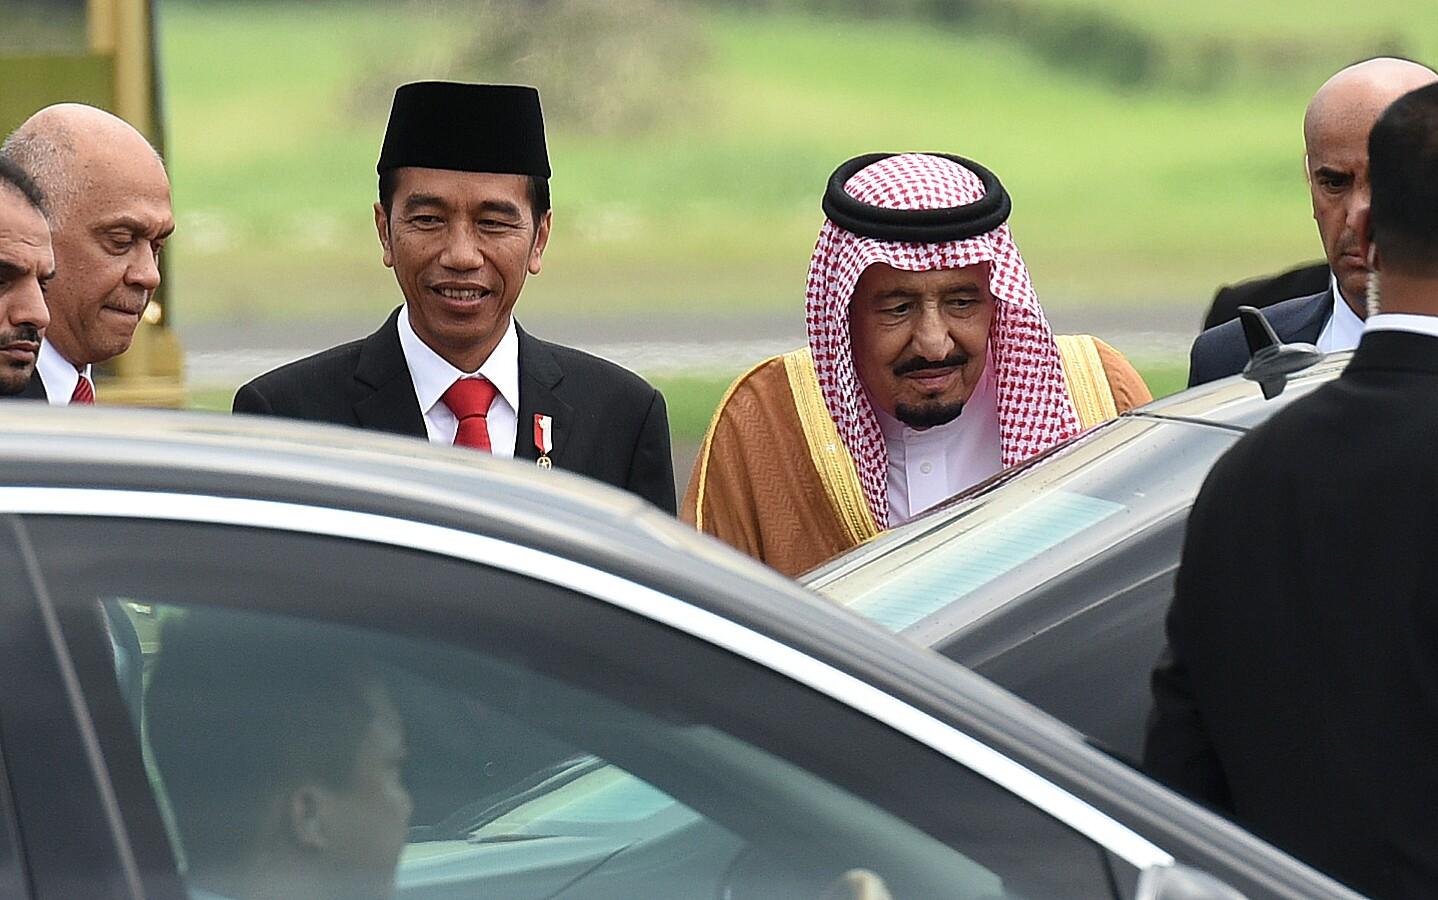 Presiden Jokowi mengantarkan Raja Saudi Arabia Salman Bin Abdul Aziz Al-Saud, saat tiba di Bandara Halim Perdanakusuma, Jakarta, Rabu (1/3) siang. (Foto: Rahmat/Humas)